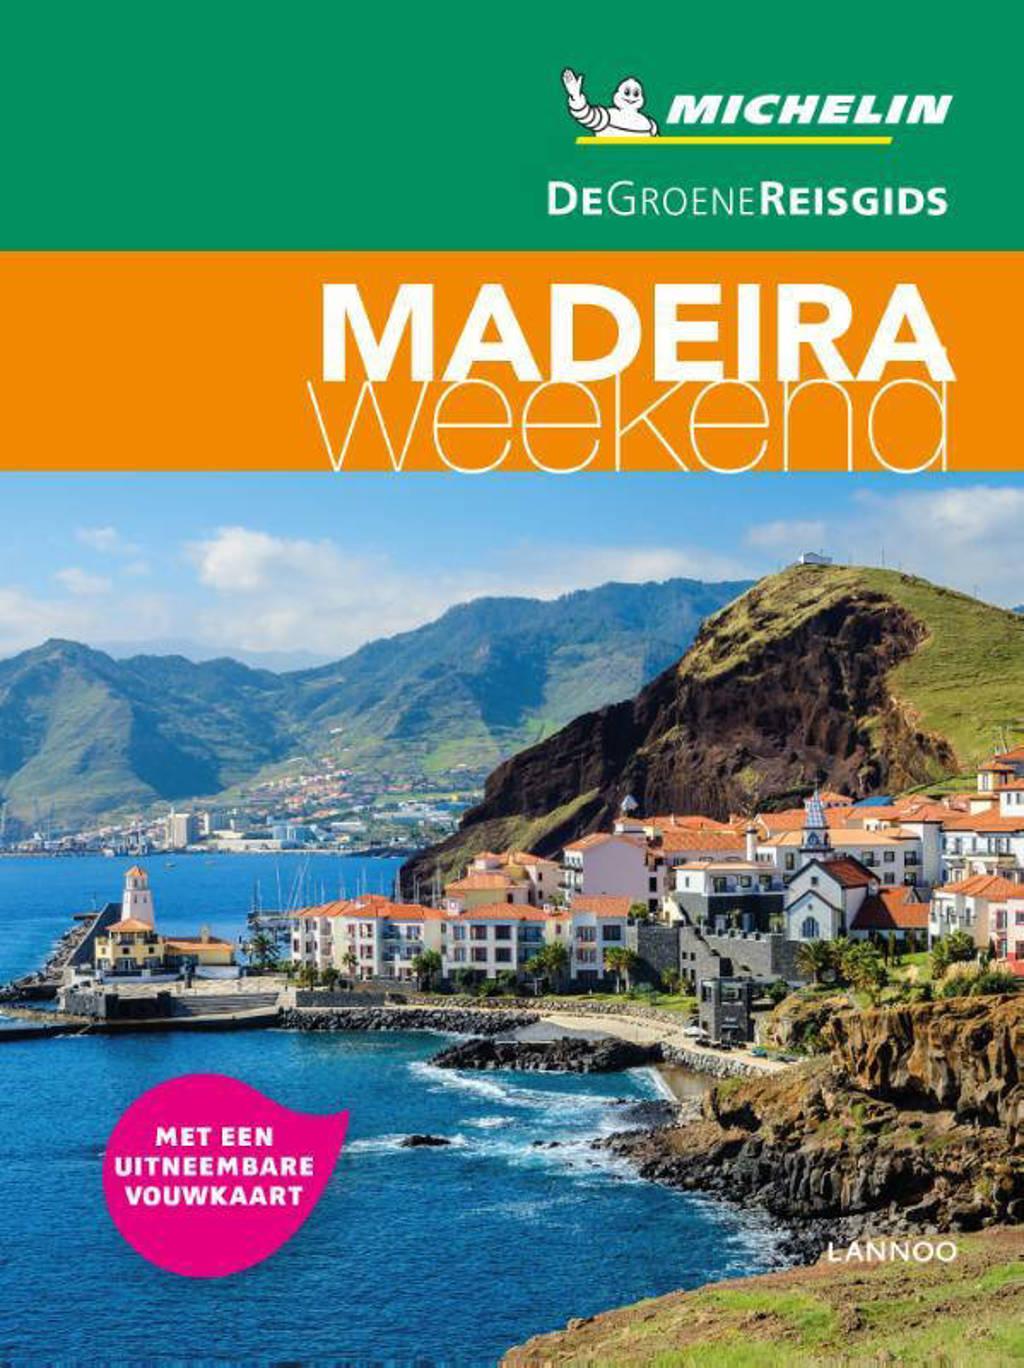 De Groene Reisgids: Madeira weekend